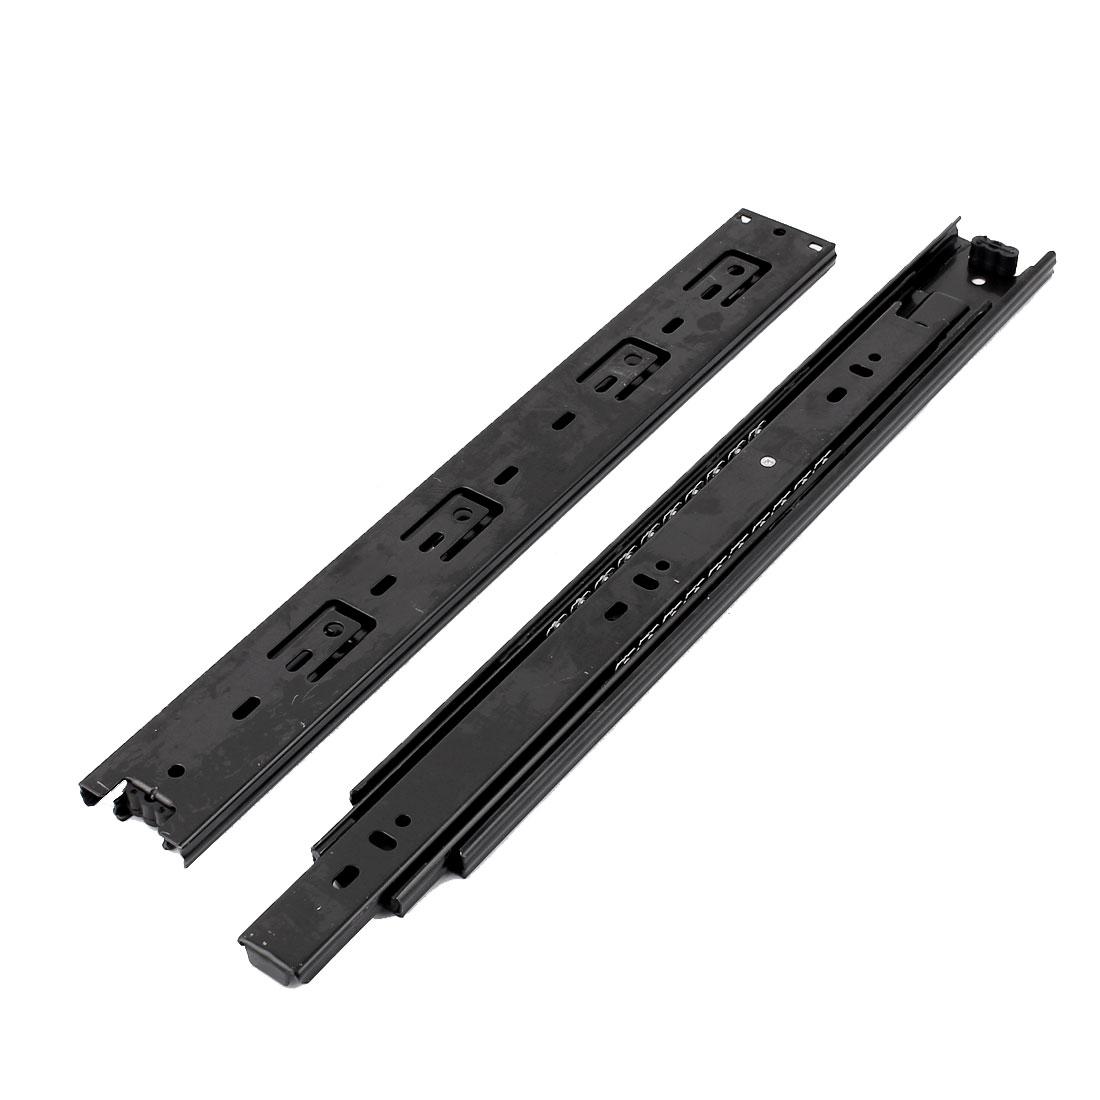 """14"""" Length Ball Bearing Full Extension Damper Drawer Slide Rail Black Pair"""